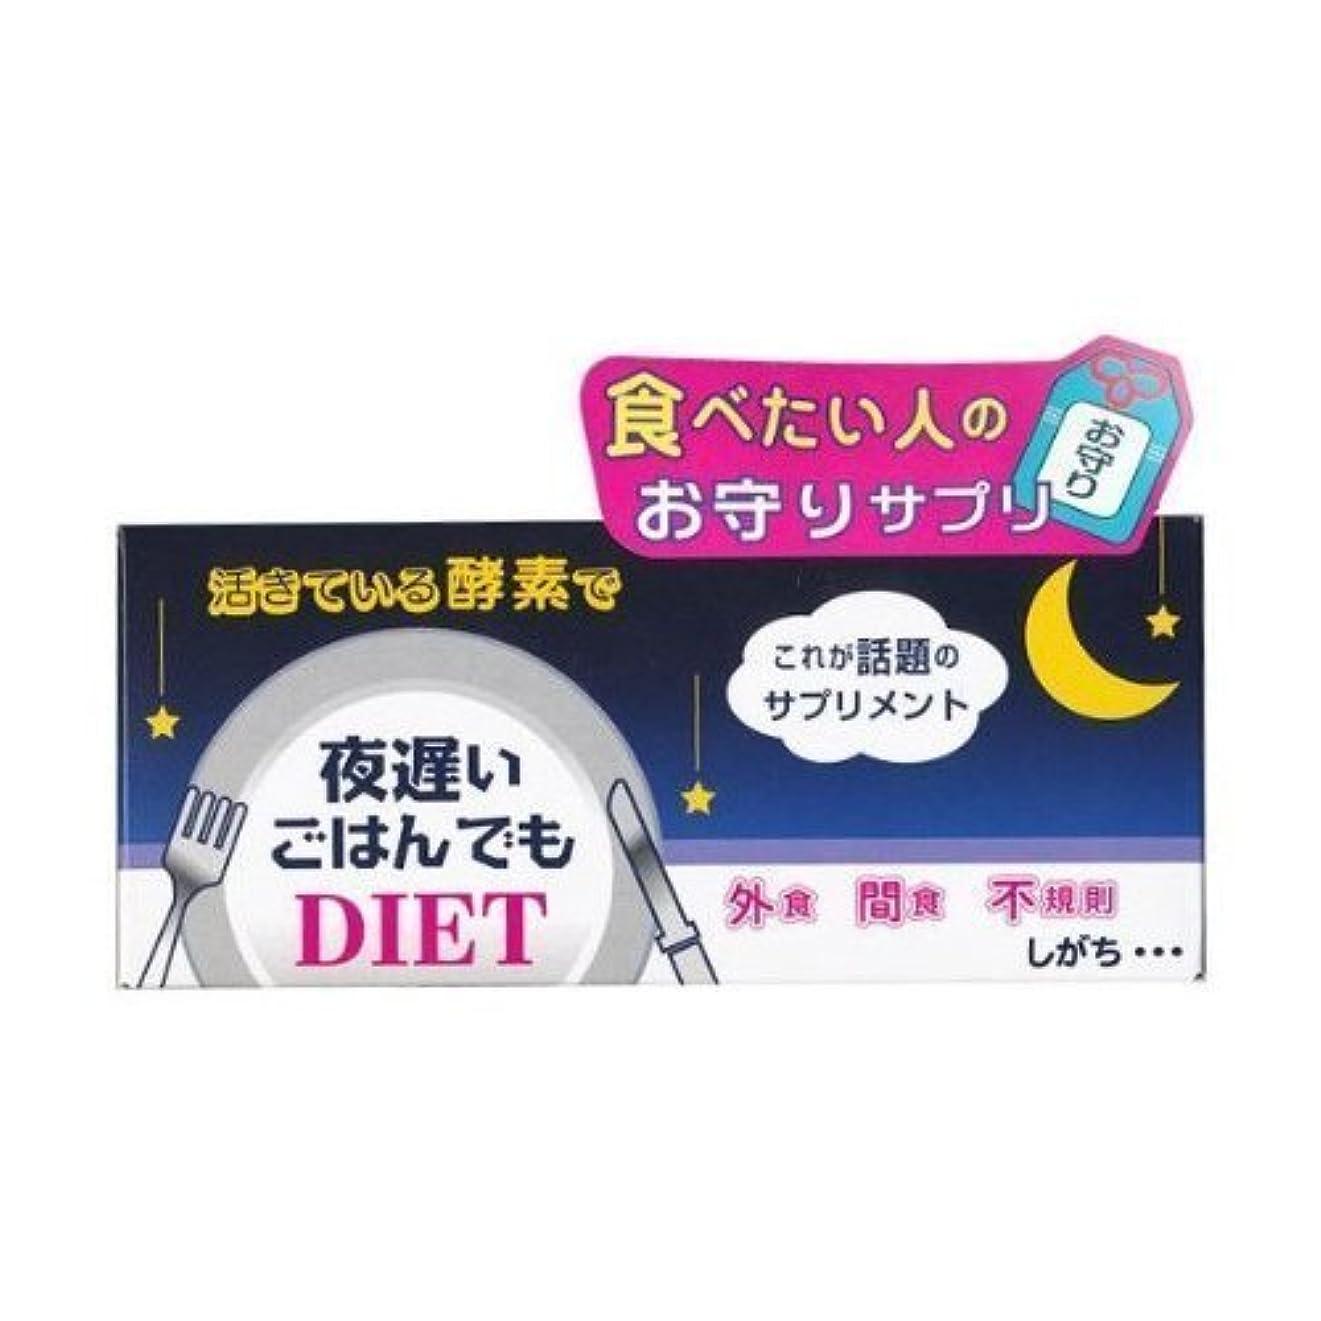 スポット良心冷蔵する新谷酵素 夜遅いごはんでも 30包 【2箱セット】